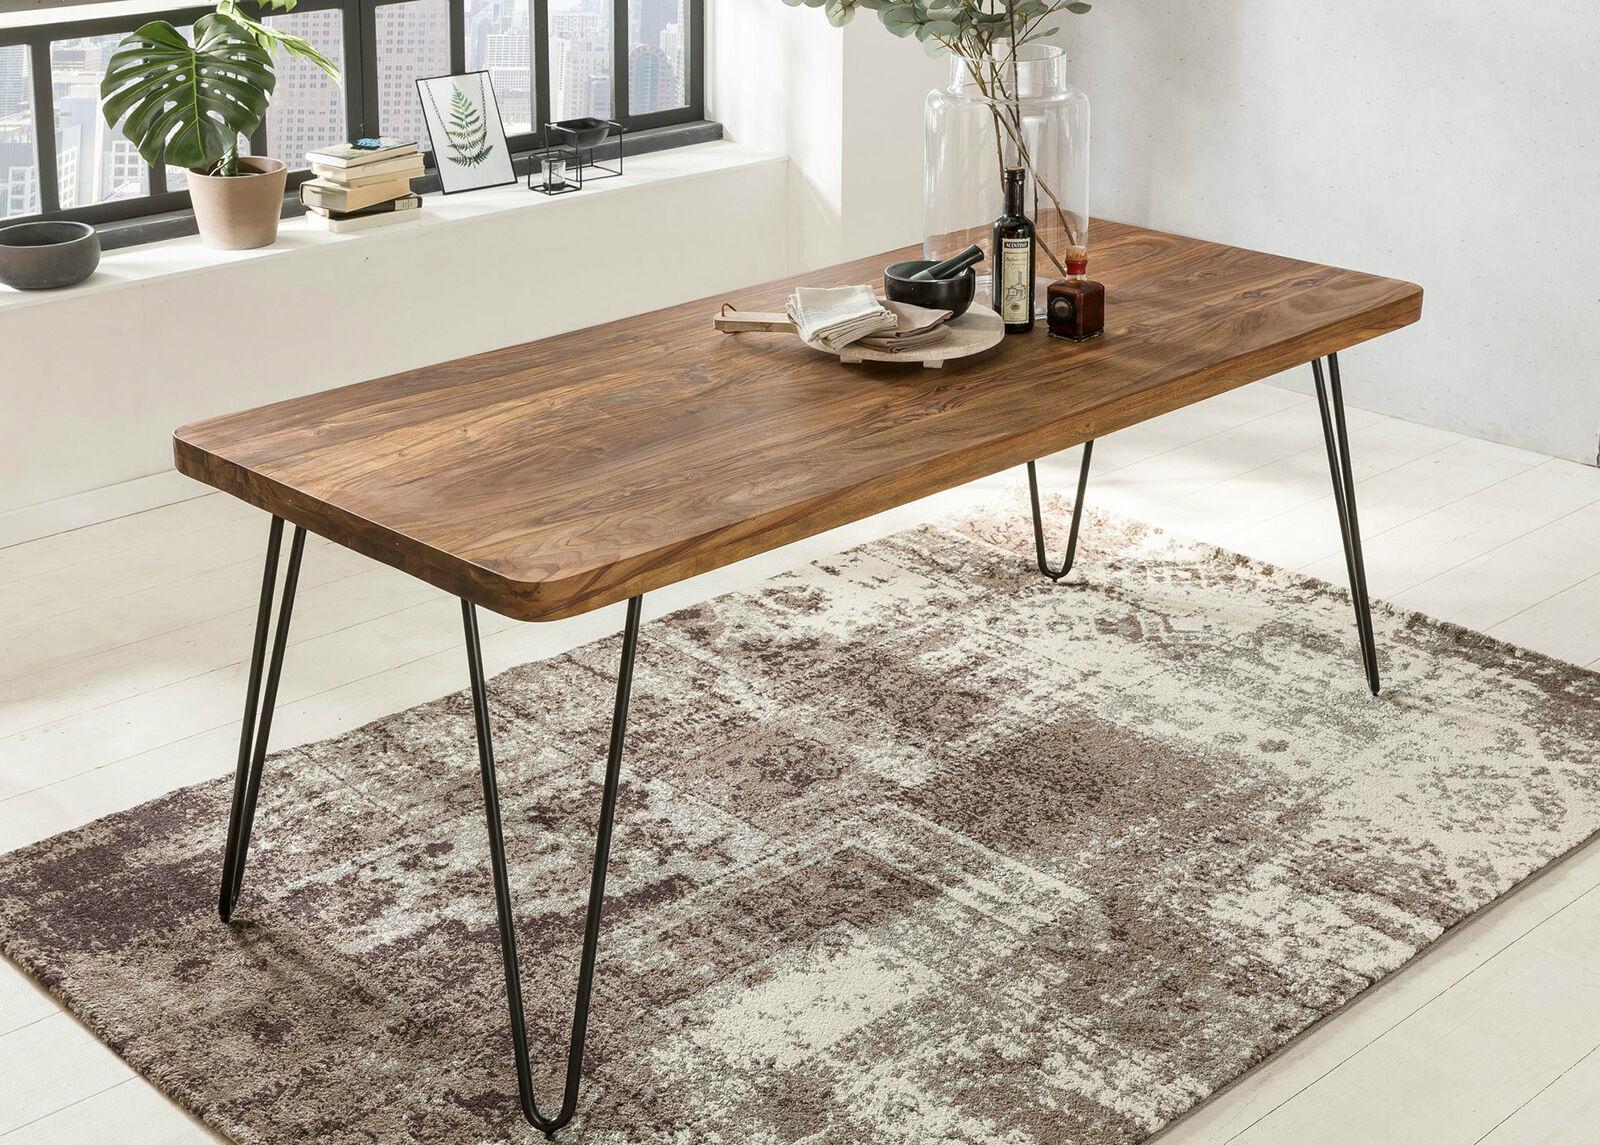 SKYPORT Ruokapöytä Bagli 120x80 cm